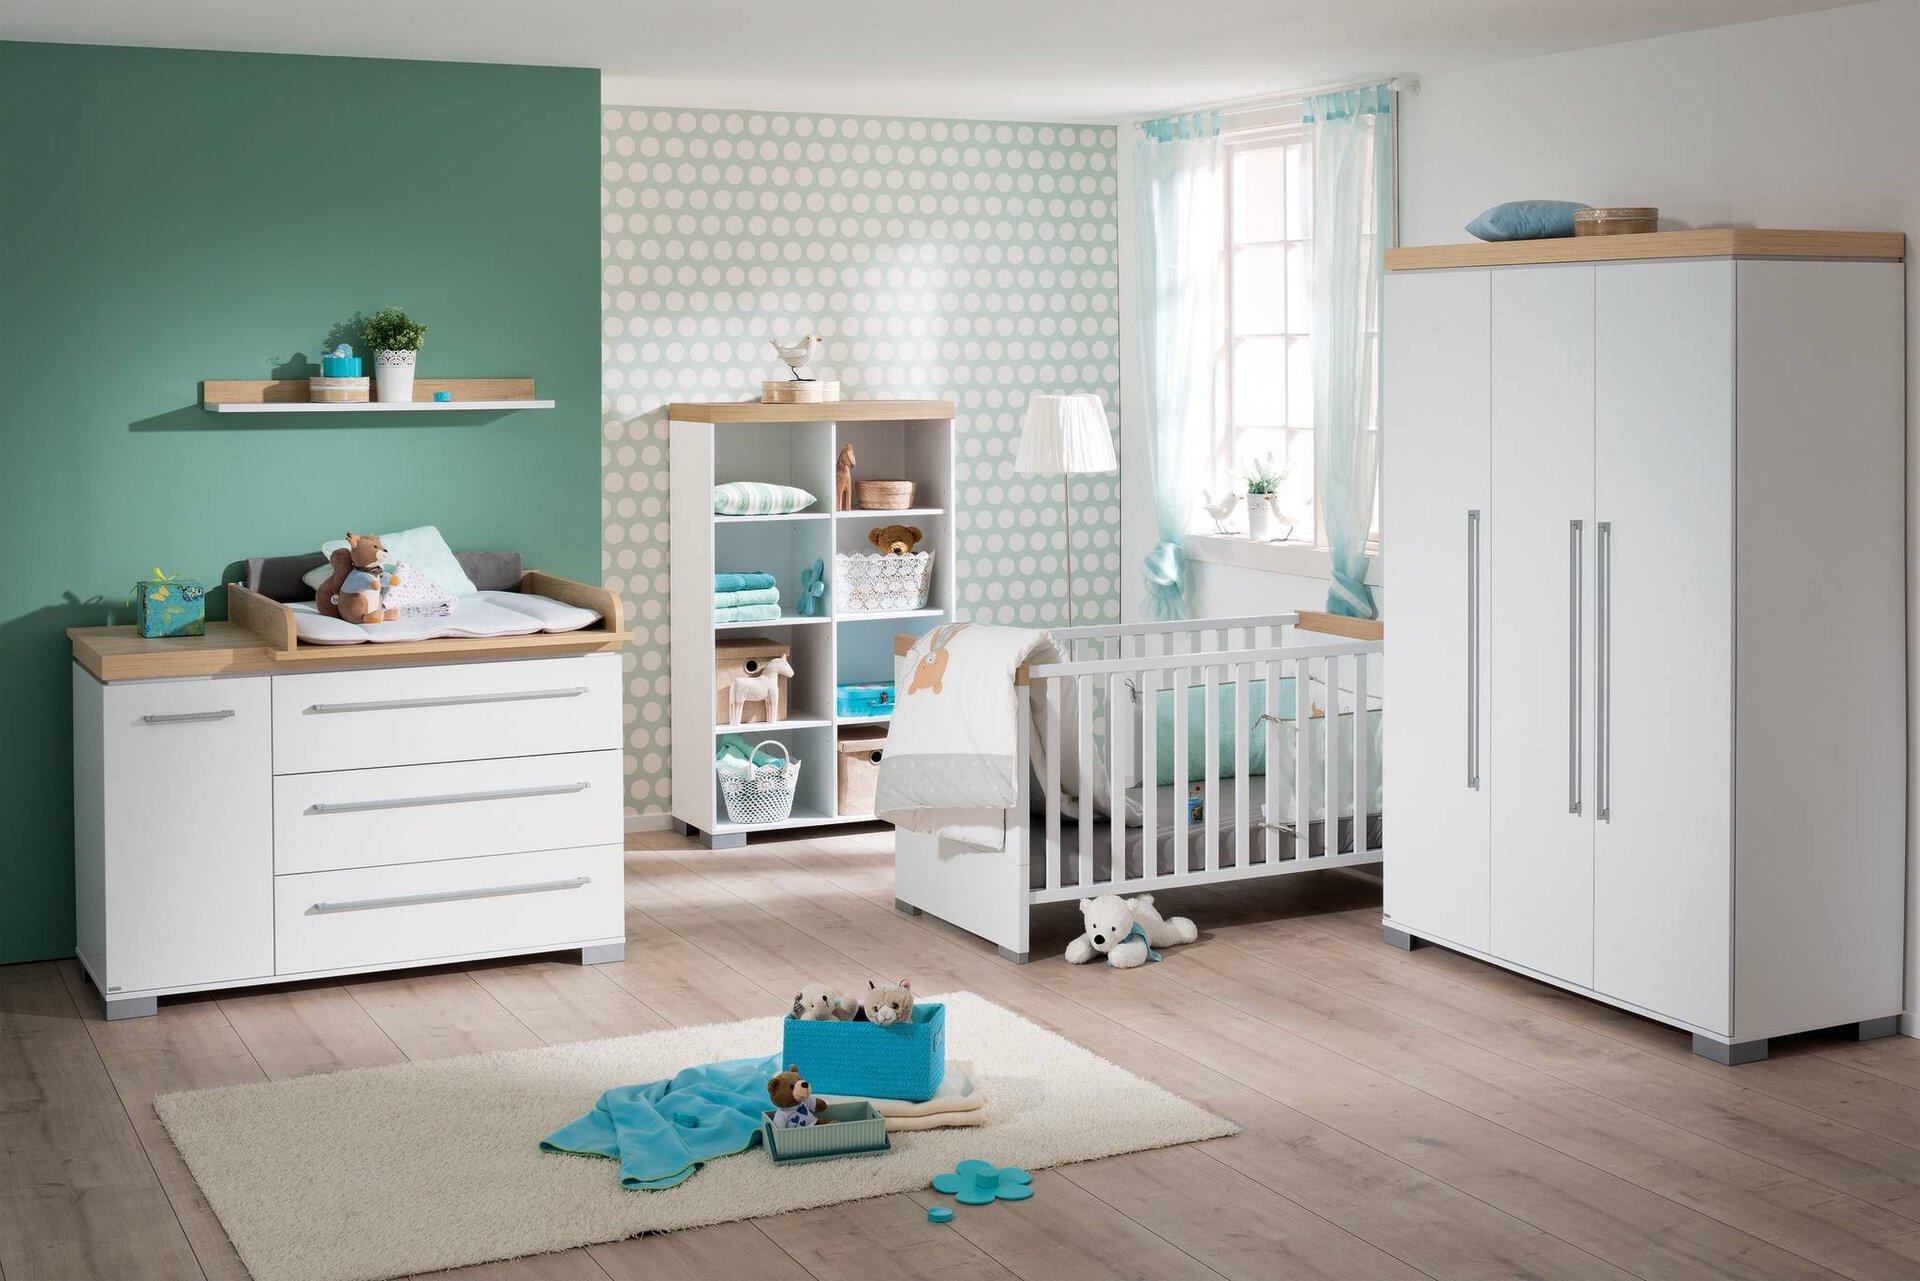 Kinderbett KIRA PAIDI Holzwerkstoff weiß 145 x 79 x 78 cm